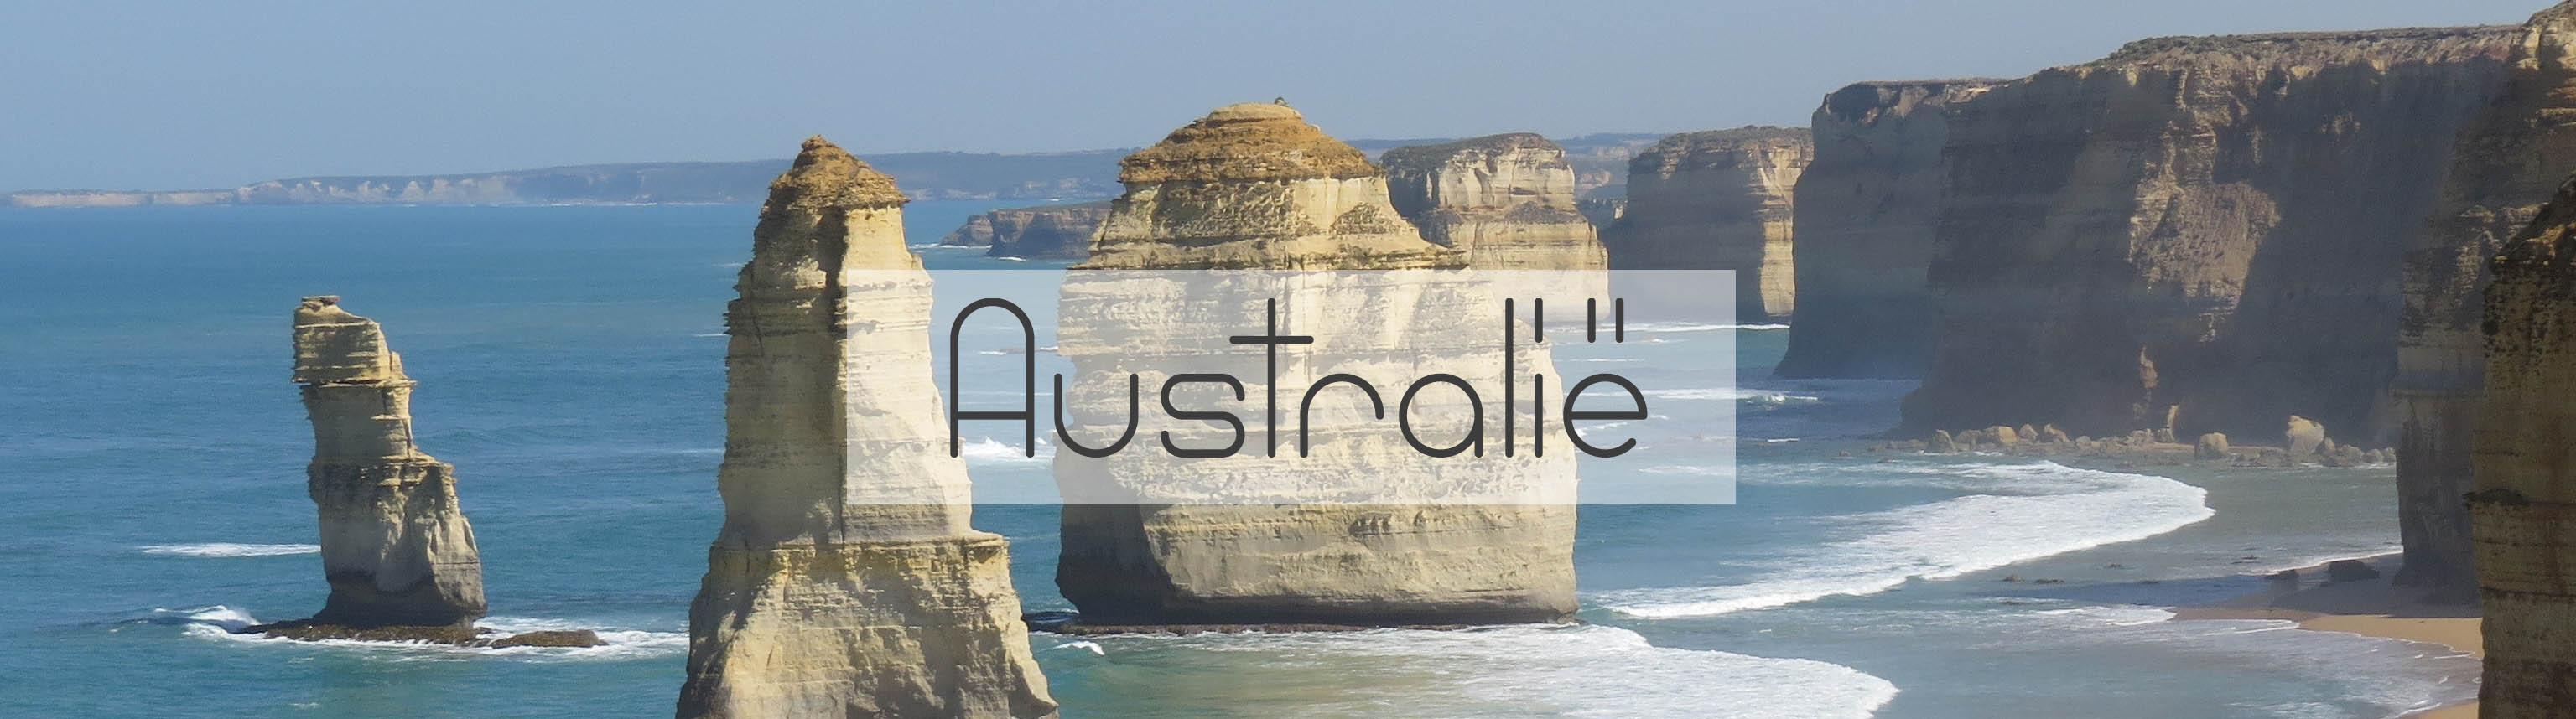 reisinfo Australië